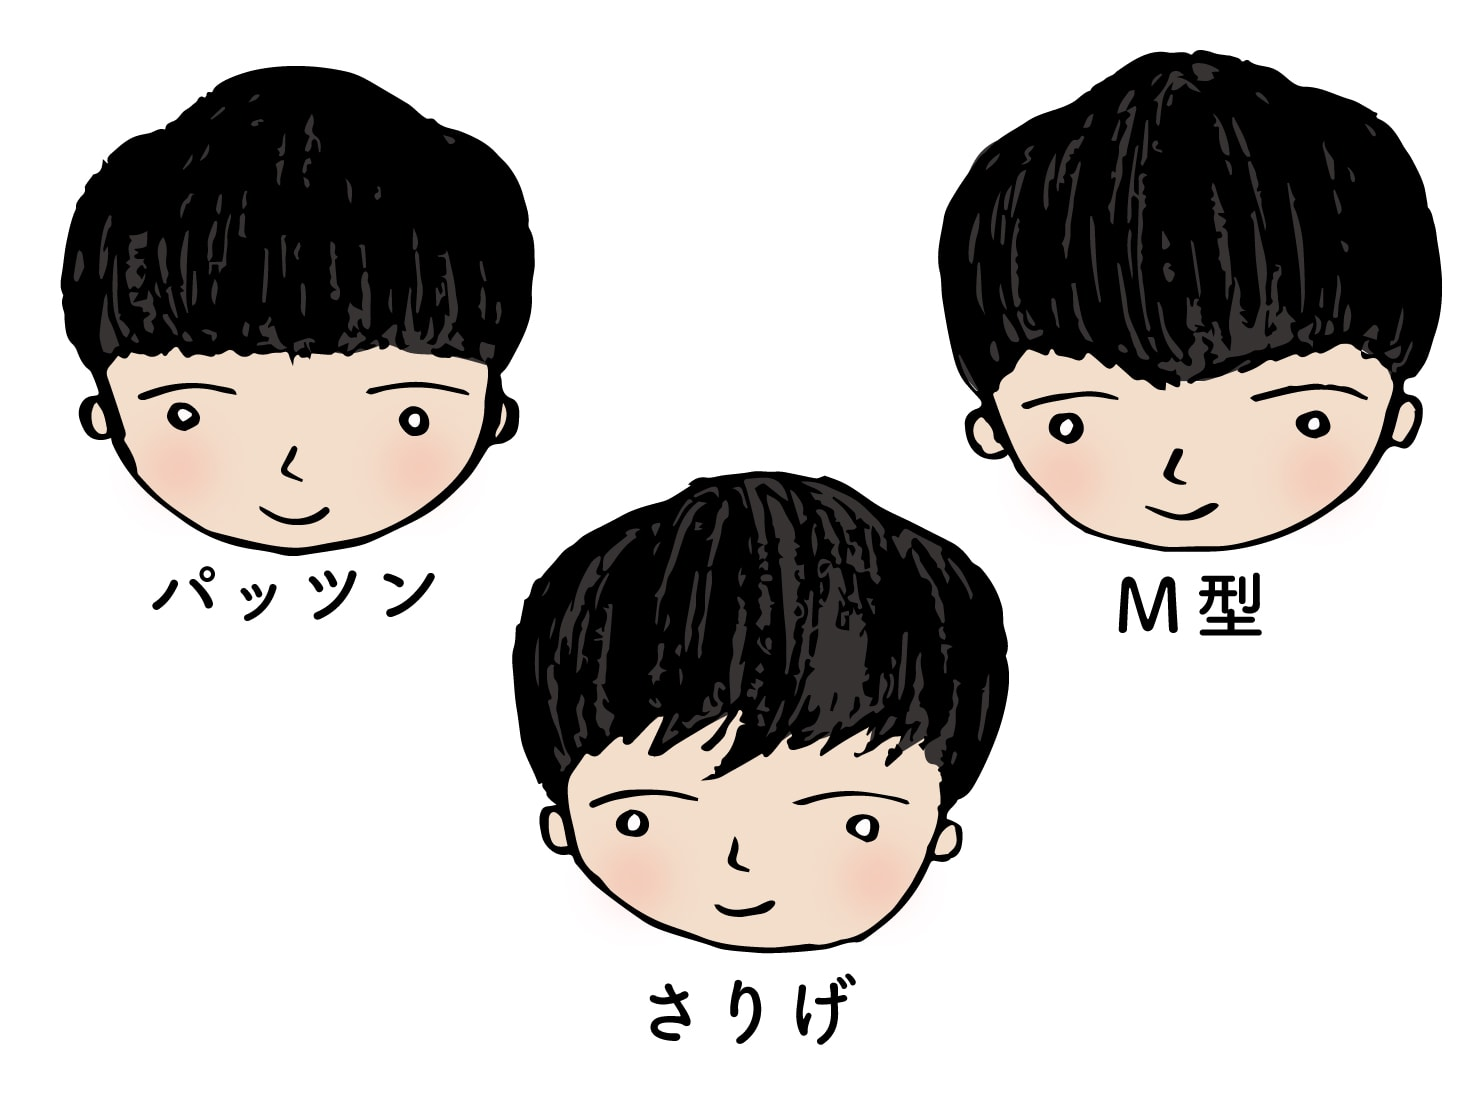 台湾男子御用達のヘアスタイル「マッシュルーム」3タイプ